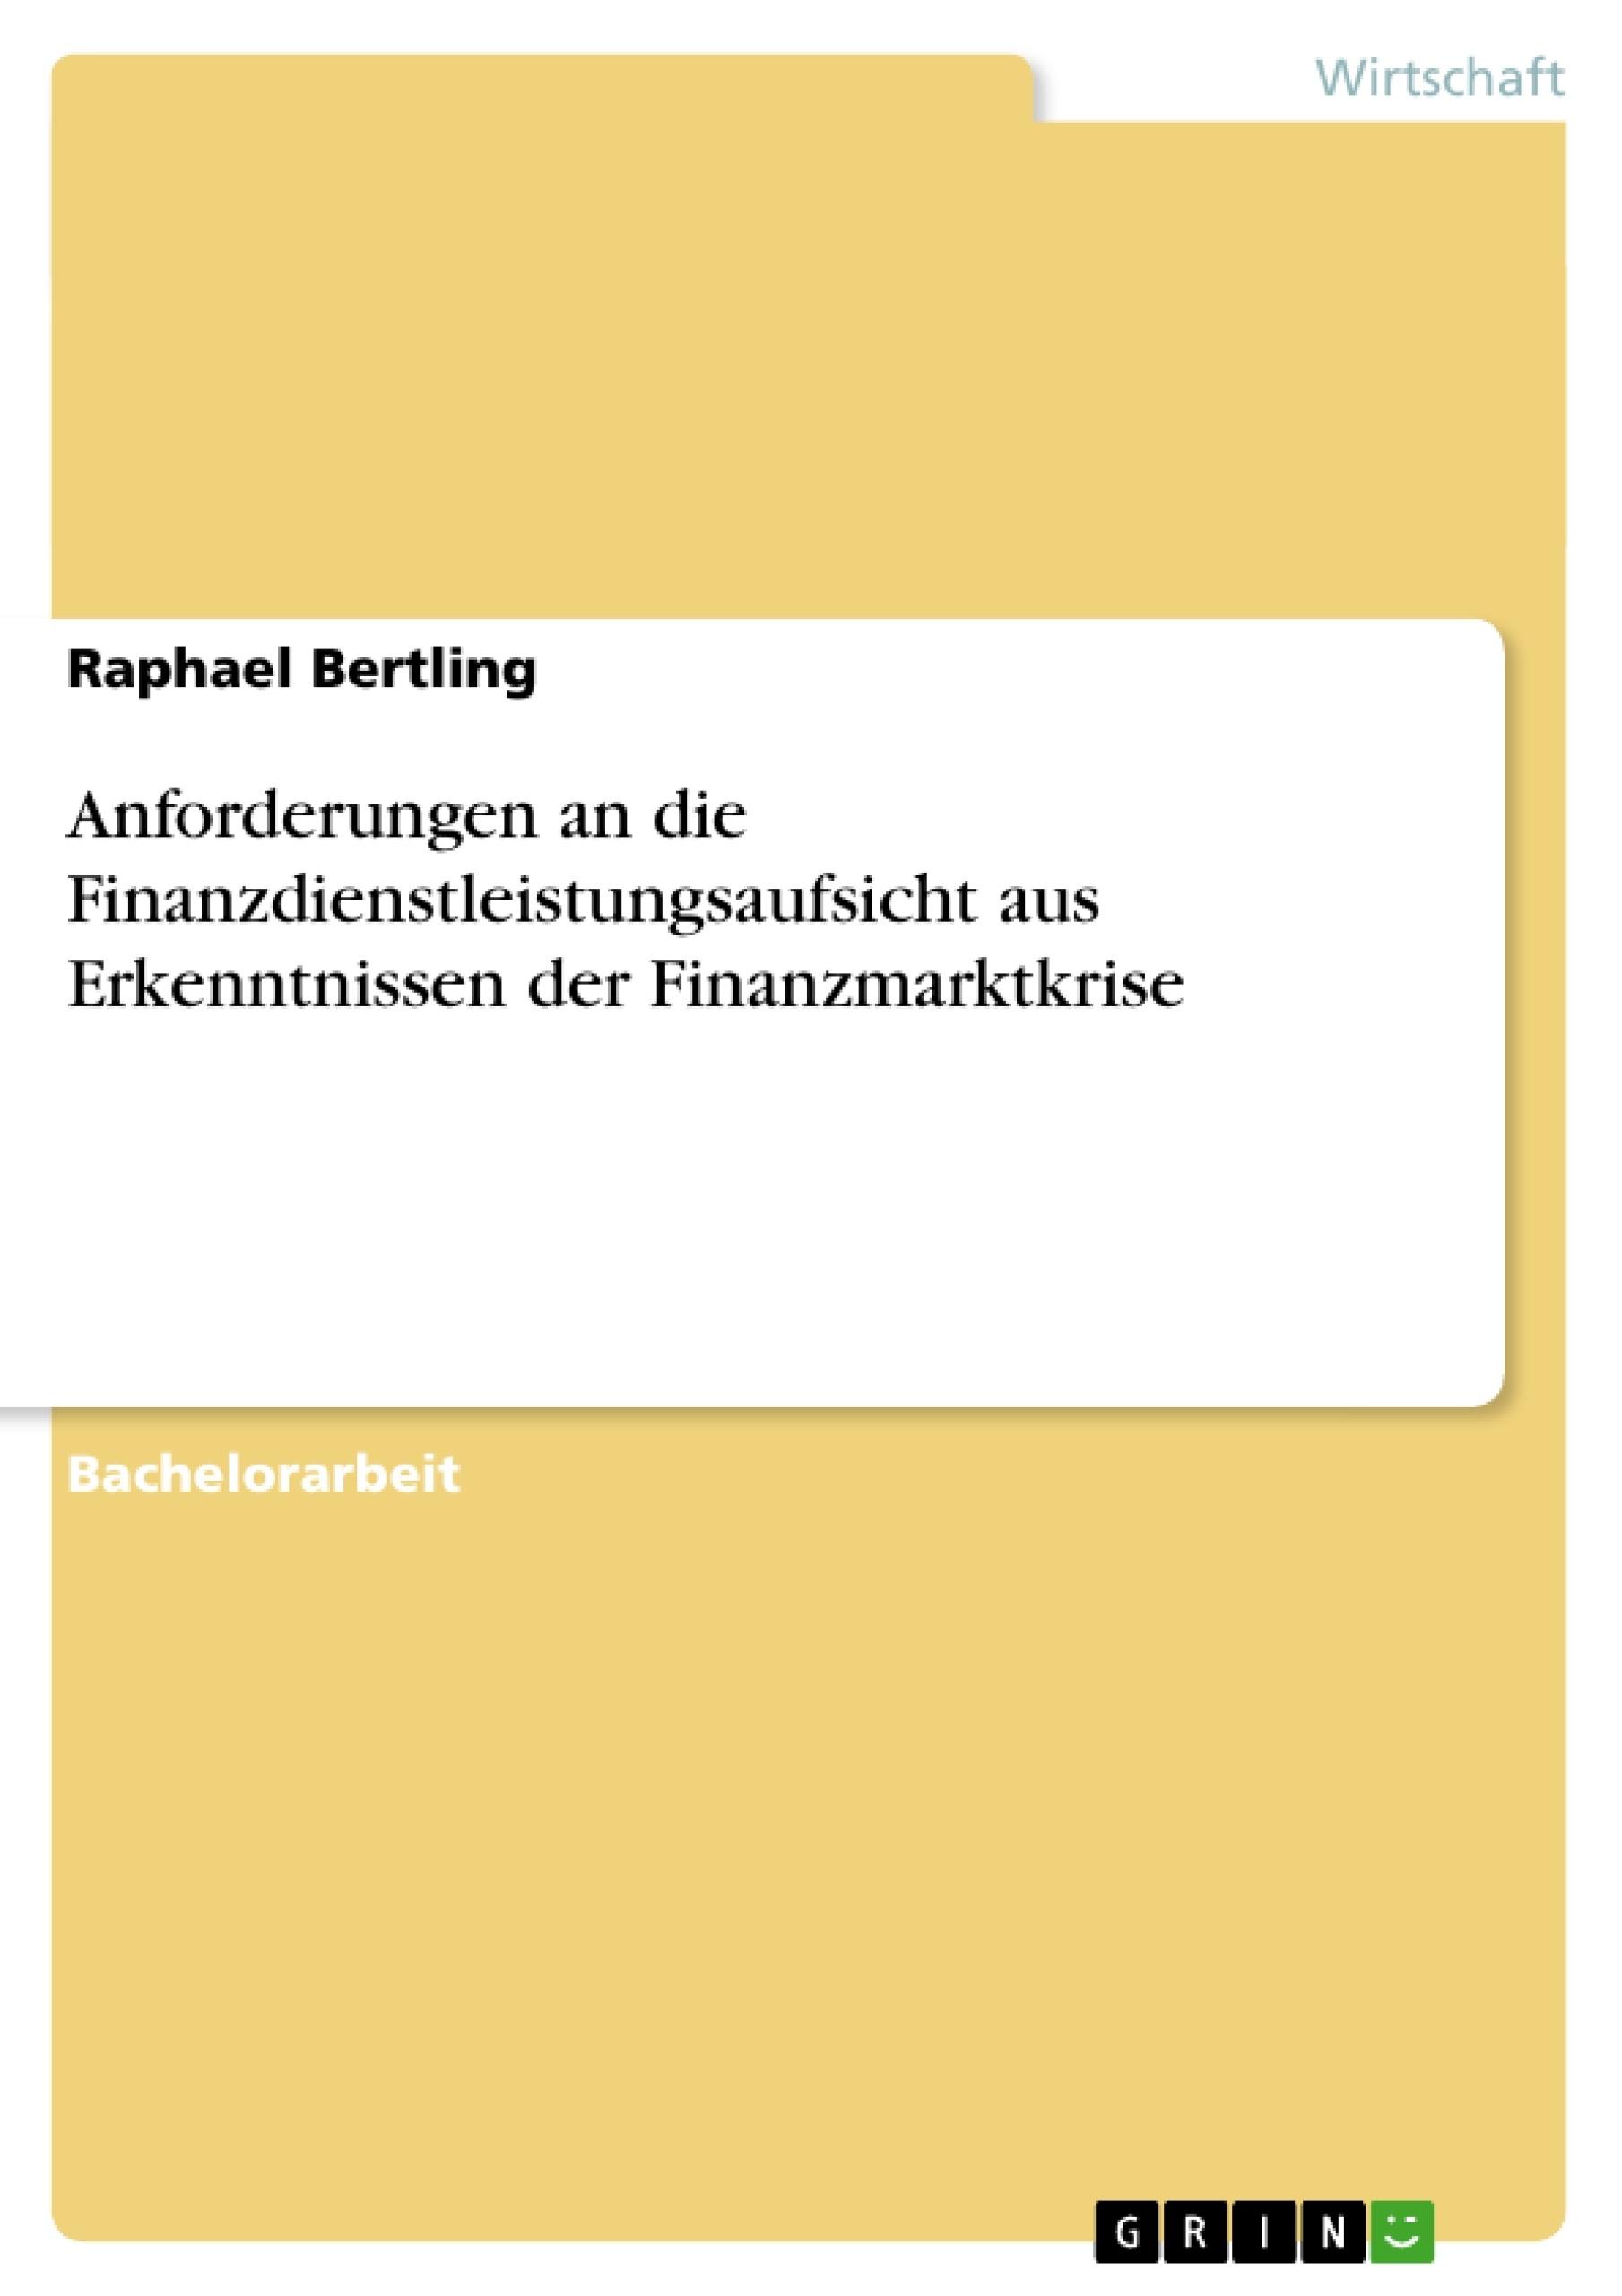 Titel: Anforderungen an die Finanzdienstleistungsaufsicht aus Erkenntnissen der Finanzmarktkrise